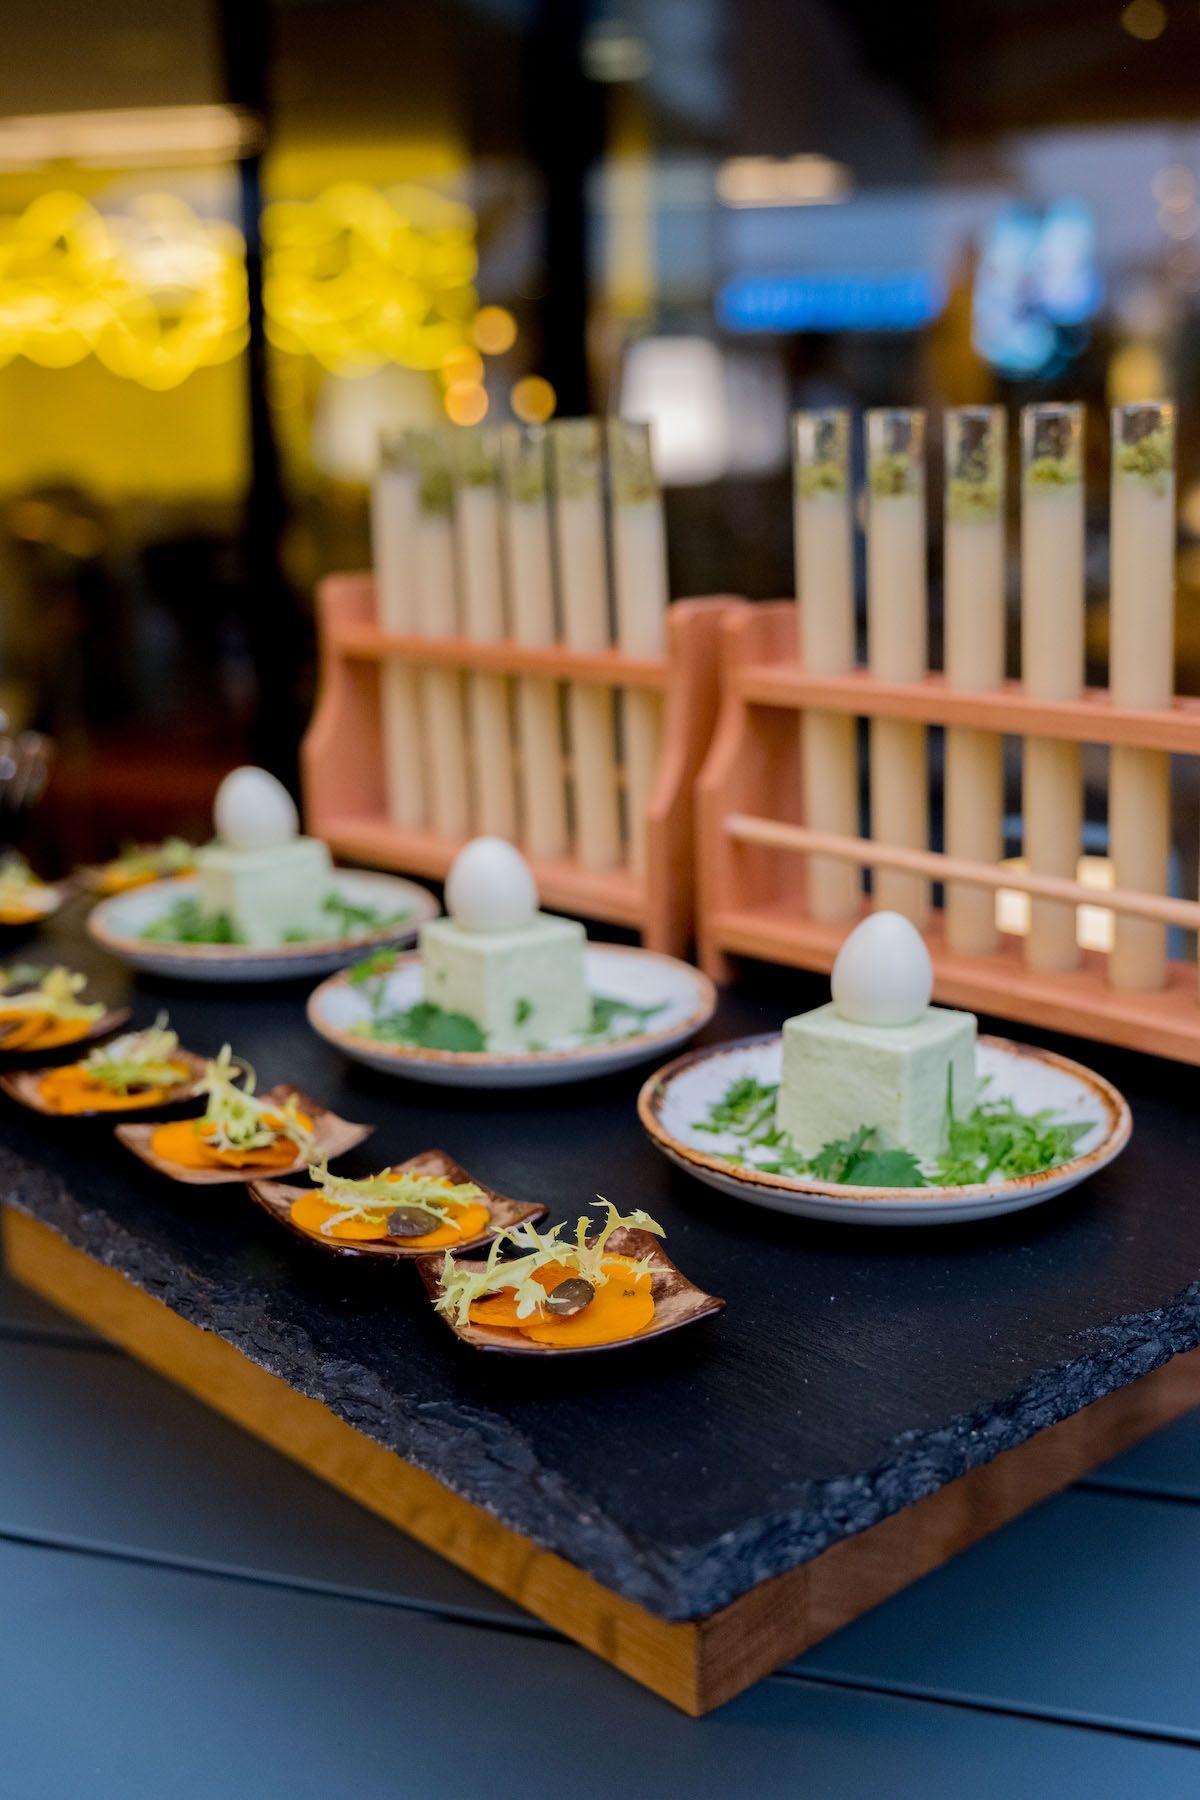 Foodblog, About Fuel, Leckerbissen, Scandic Hotel Frankfurt, Vorspeise, Wachteleier